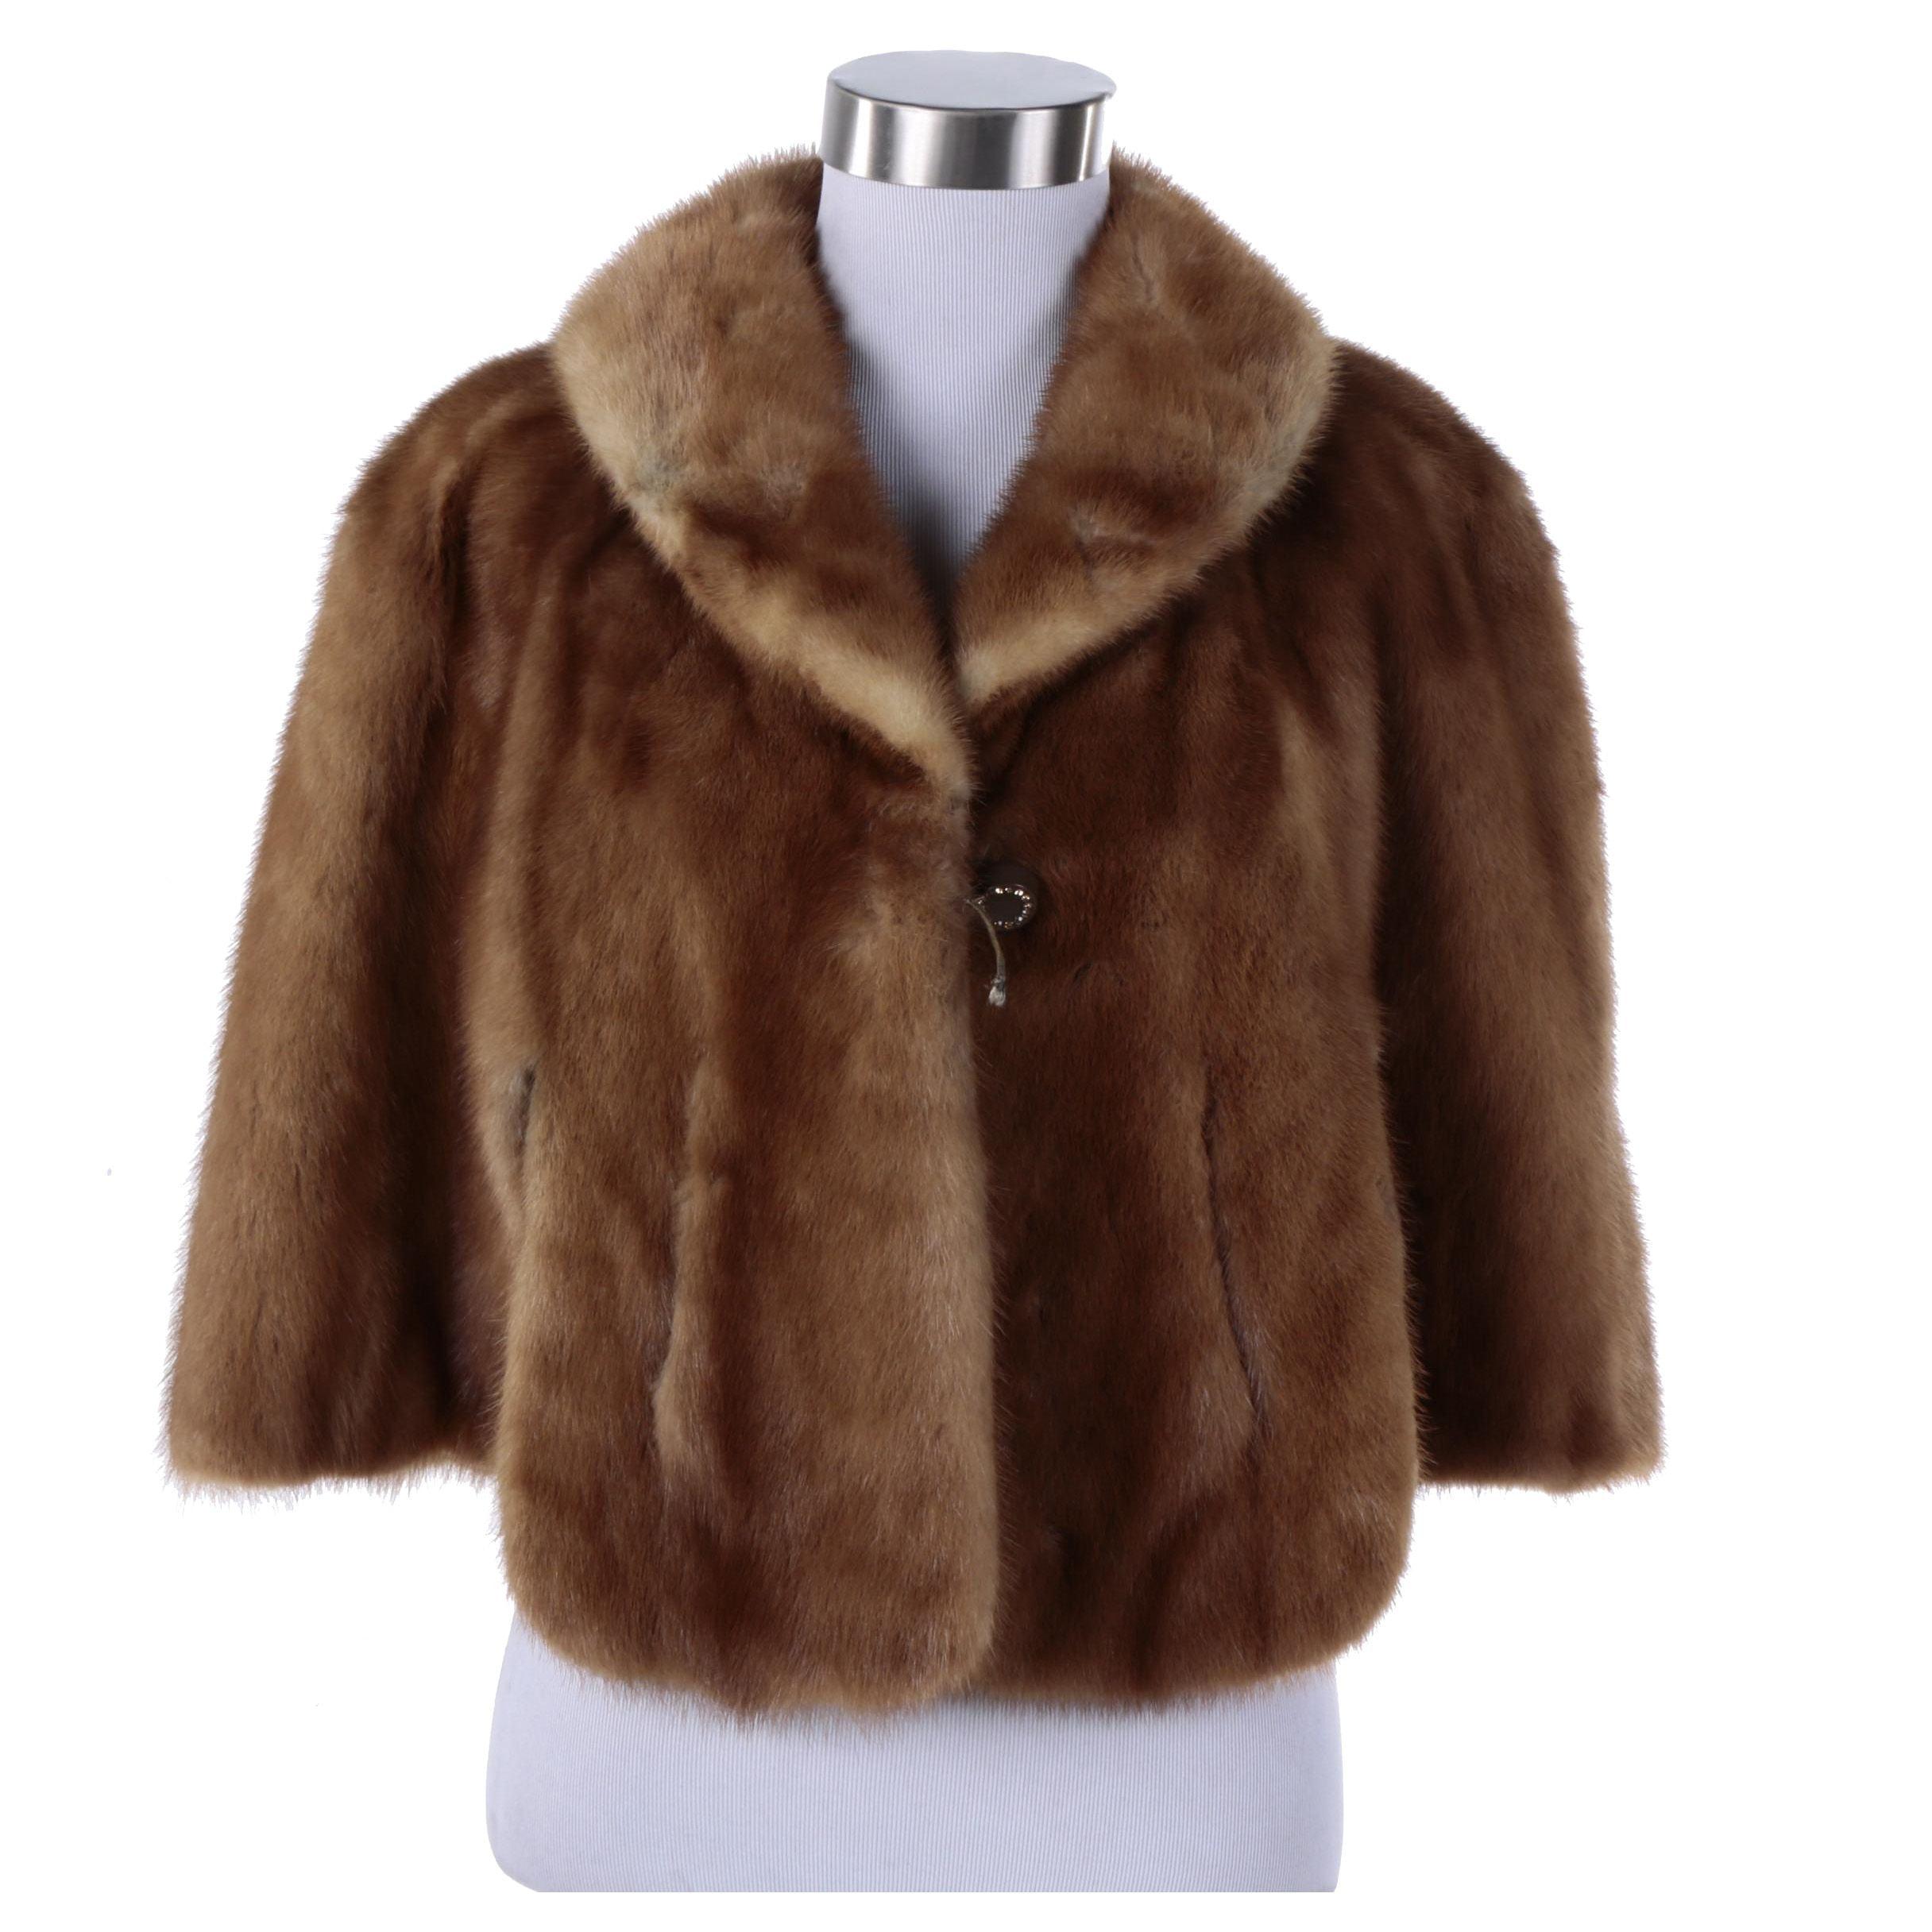 Vintage Brown Mink Fur Capelet By Fleck's Paris